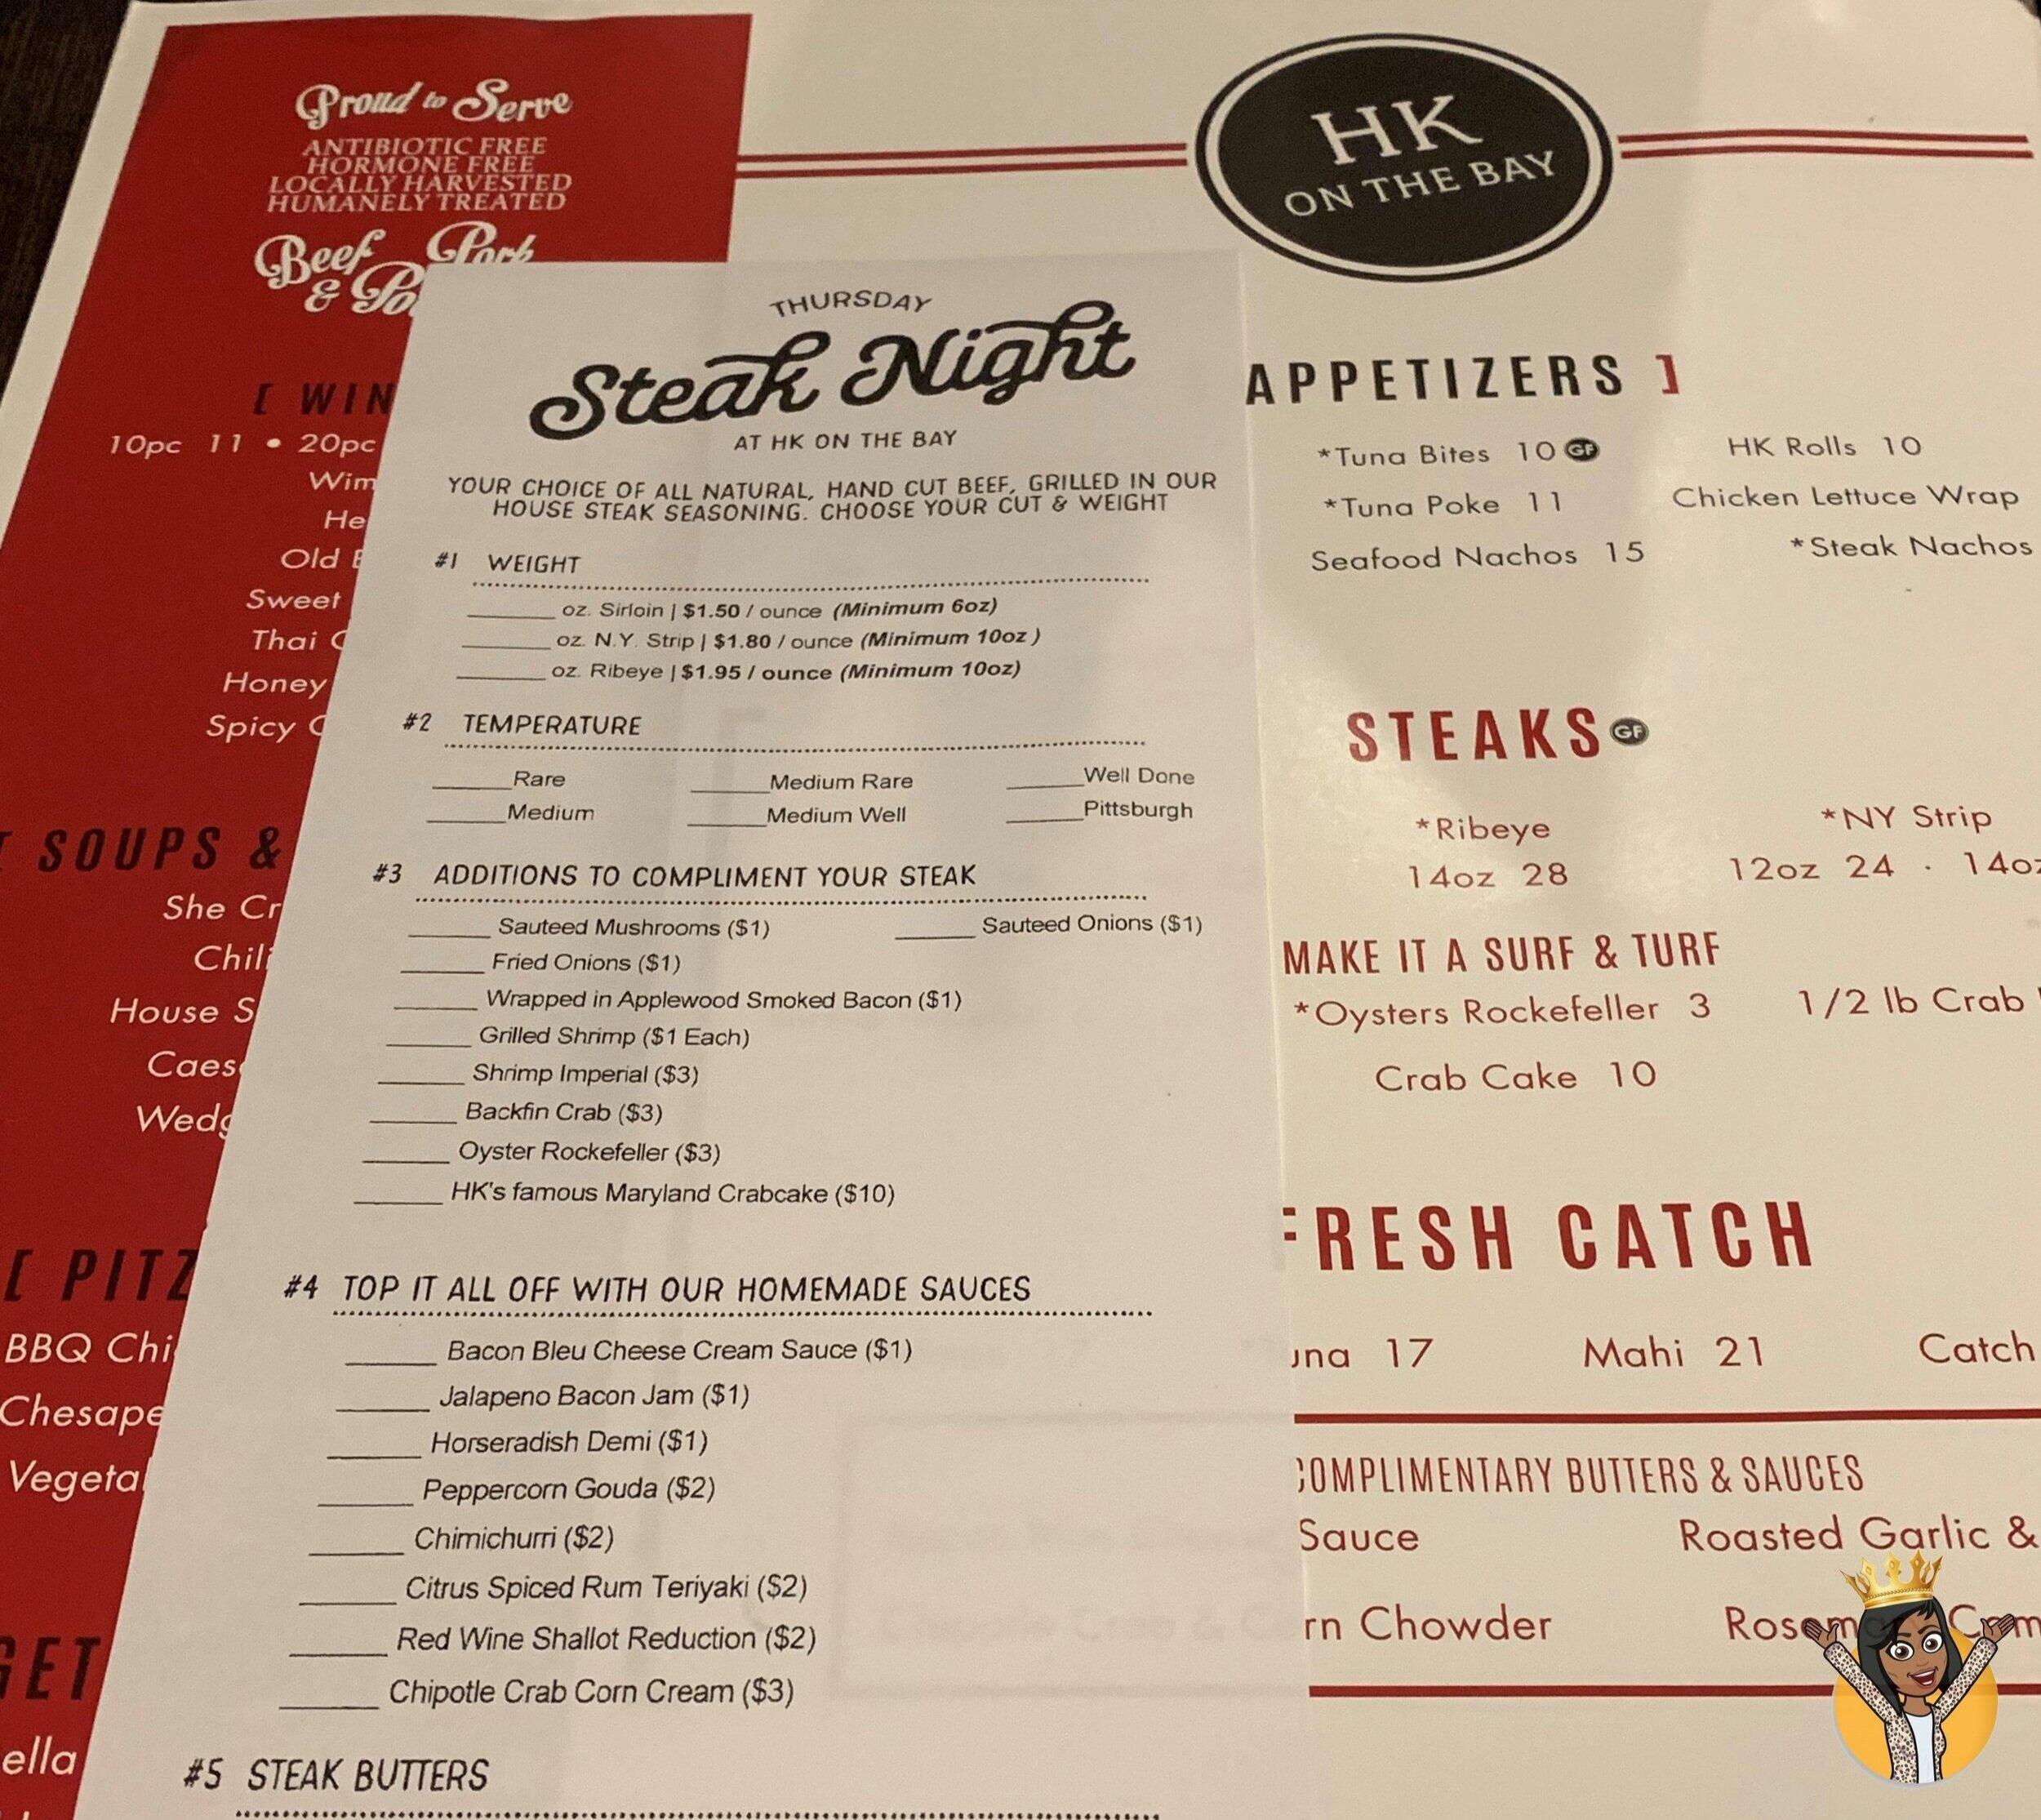 HK-steak+night+menu.jpg